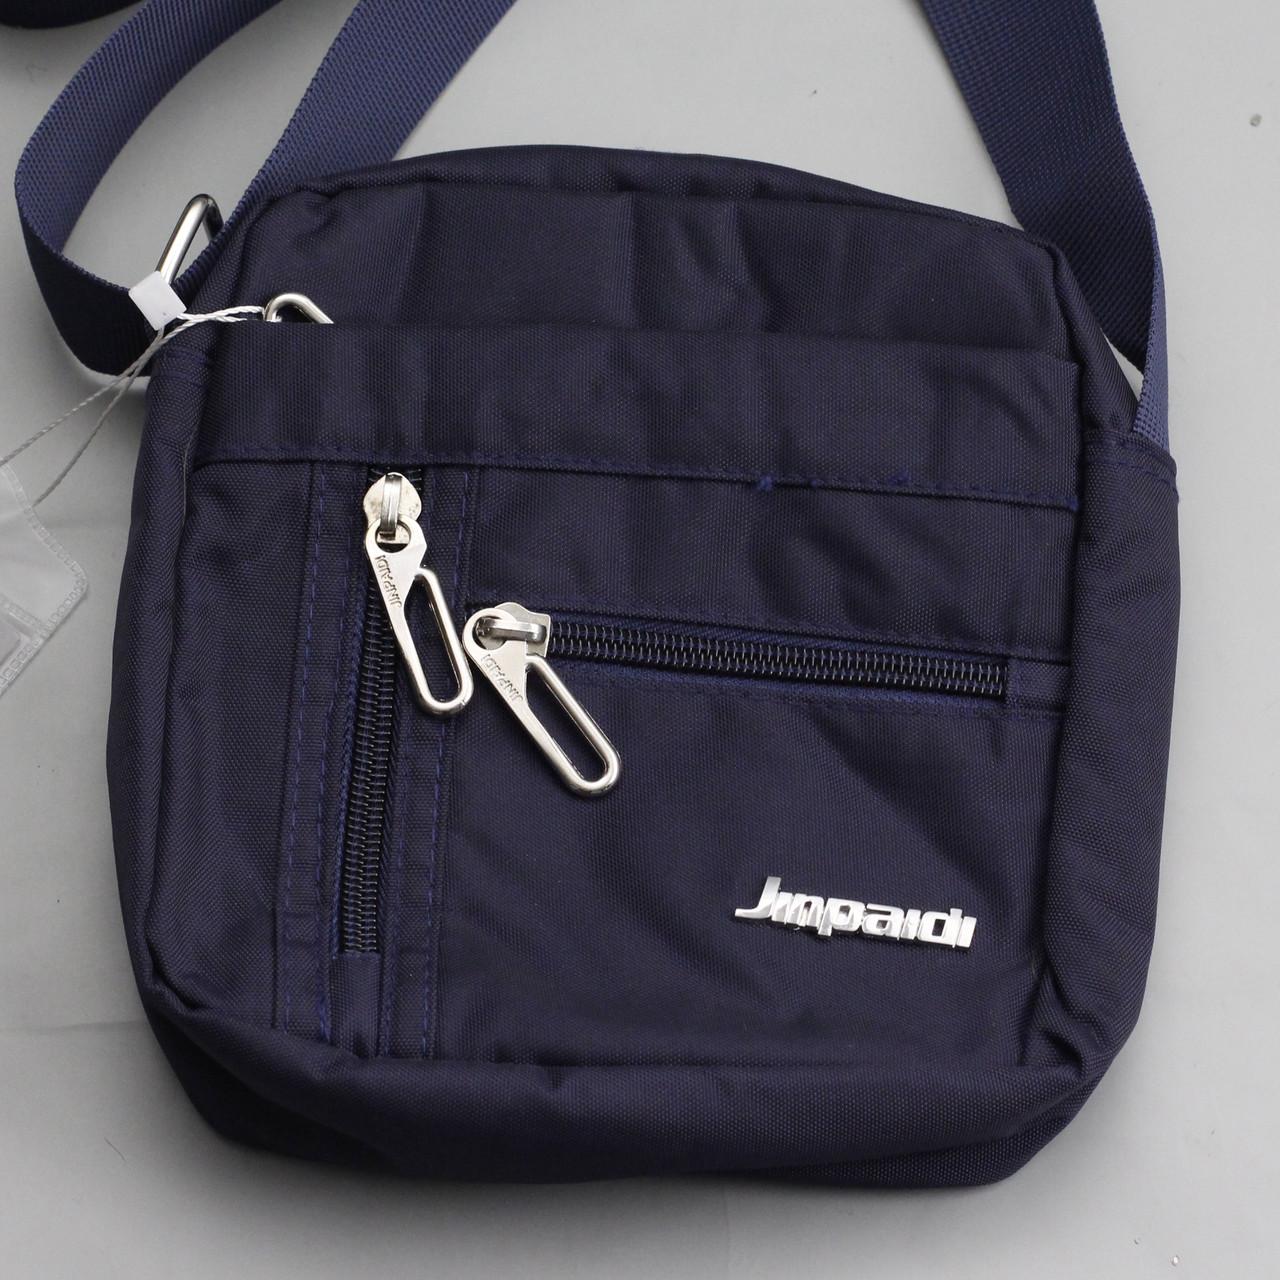 674d5cb3fe65 Сумка мужская текстильная через плечо синяя , цена 278 грн., купить ...